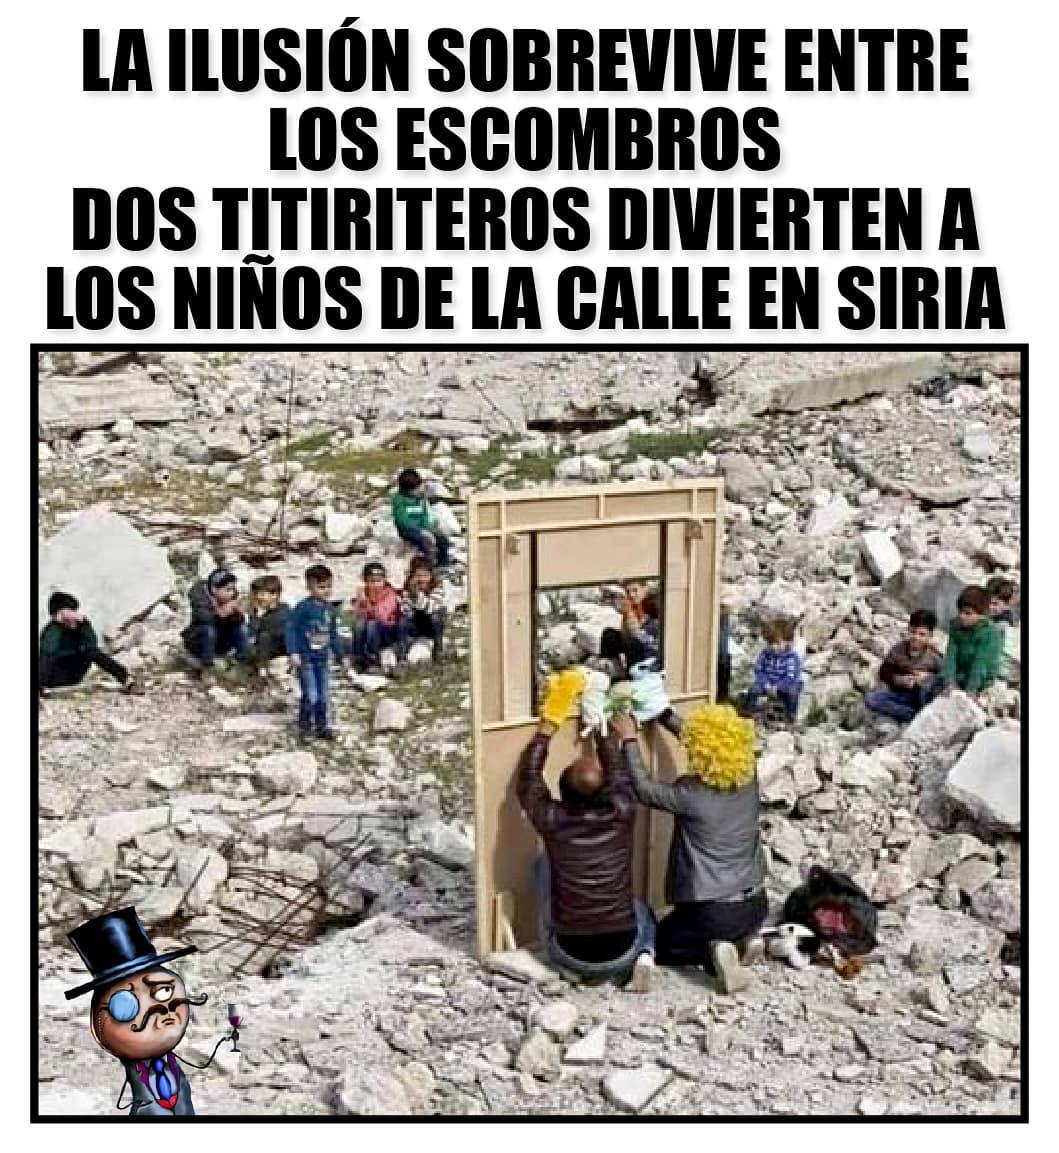 La ilusión sobrevive entre los escombros, dos titiriteros divierten a los niños de la calle en Siria.